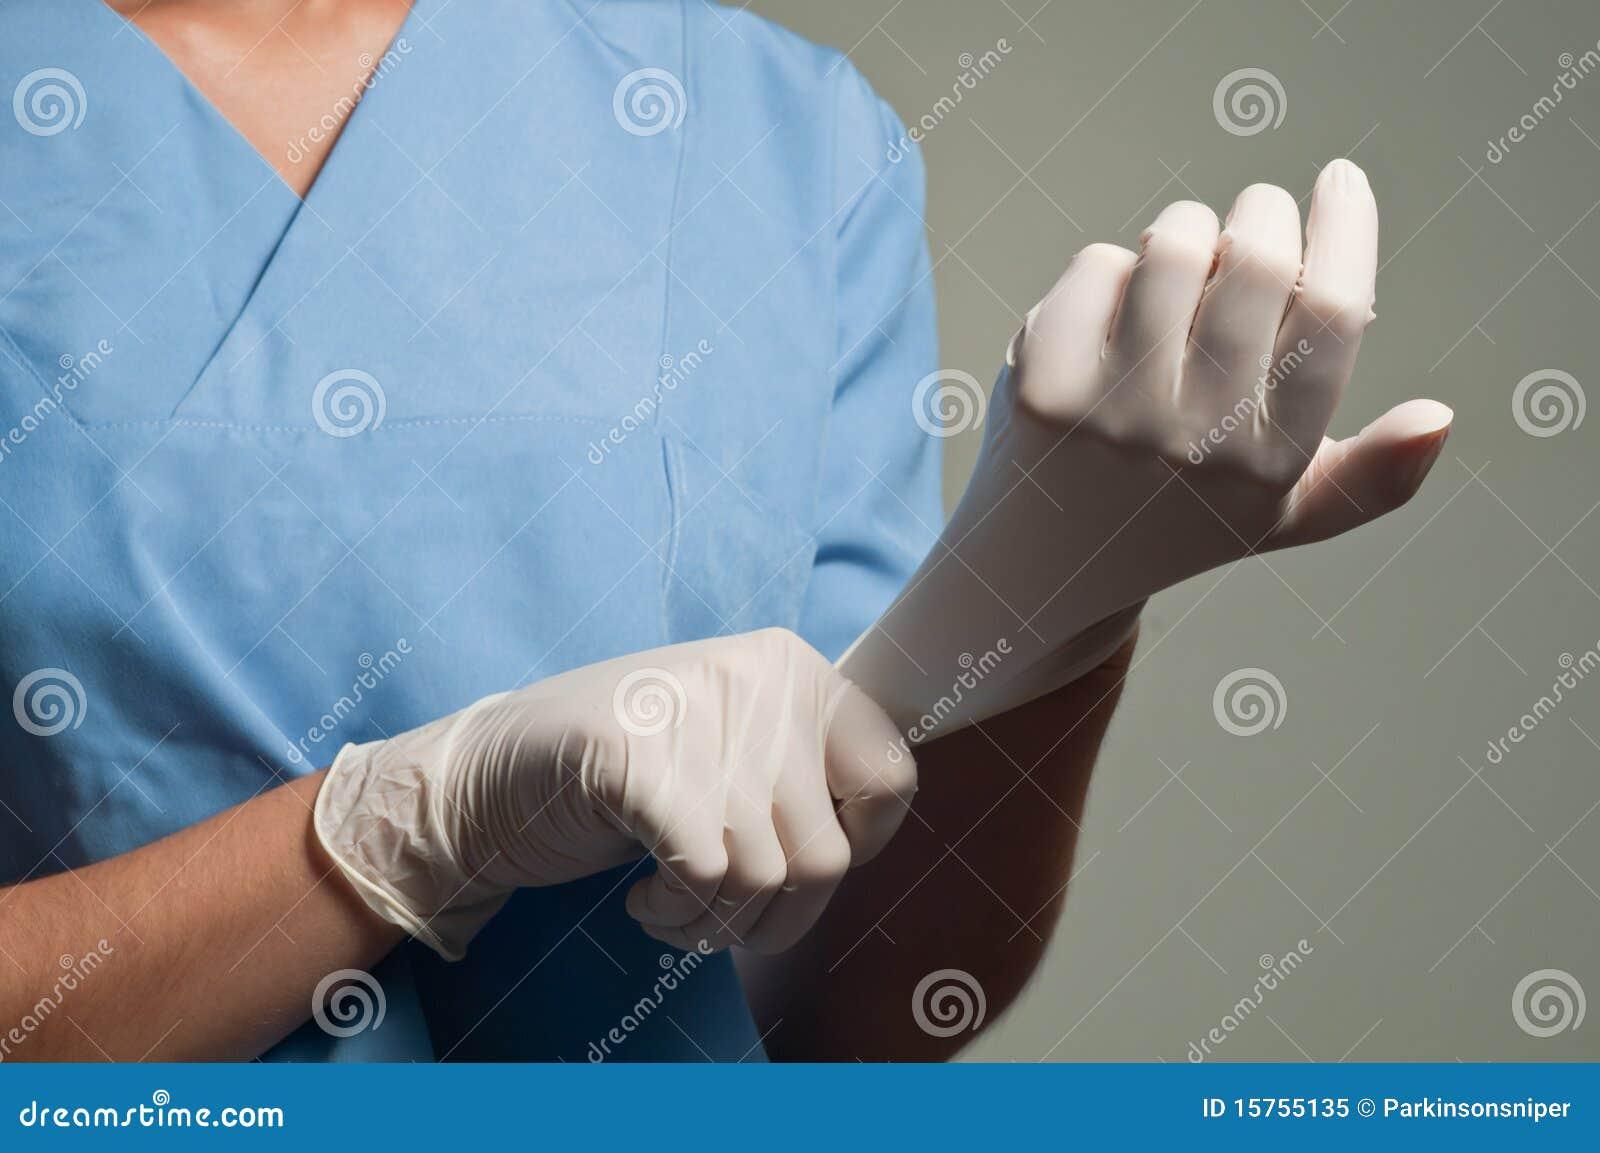 носить перчаток медицинский